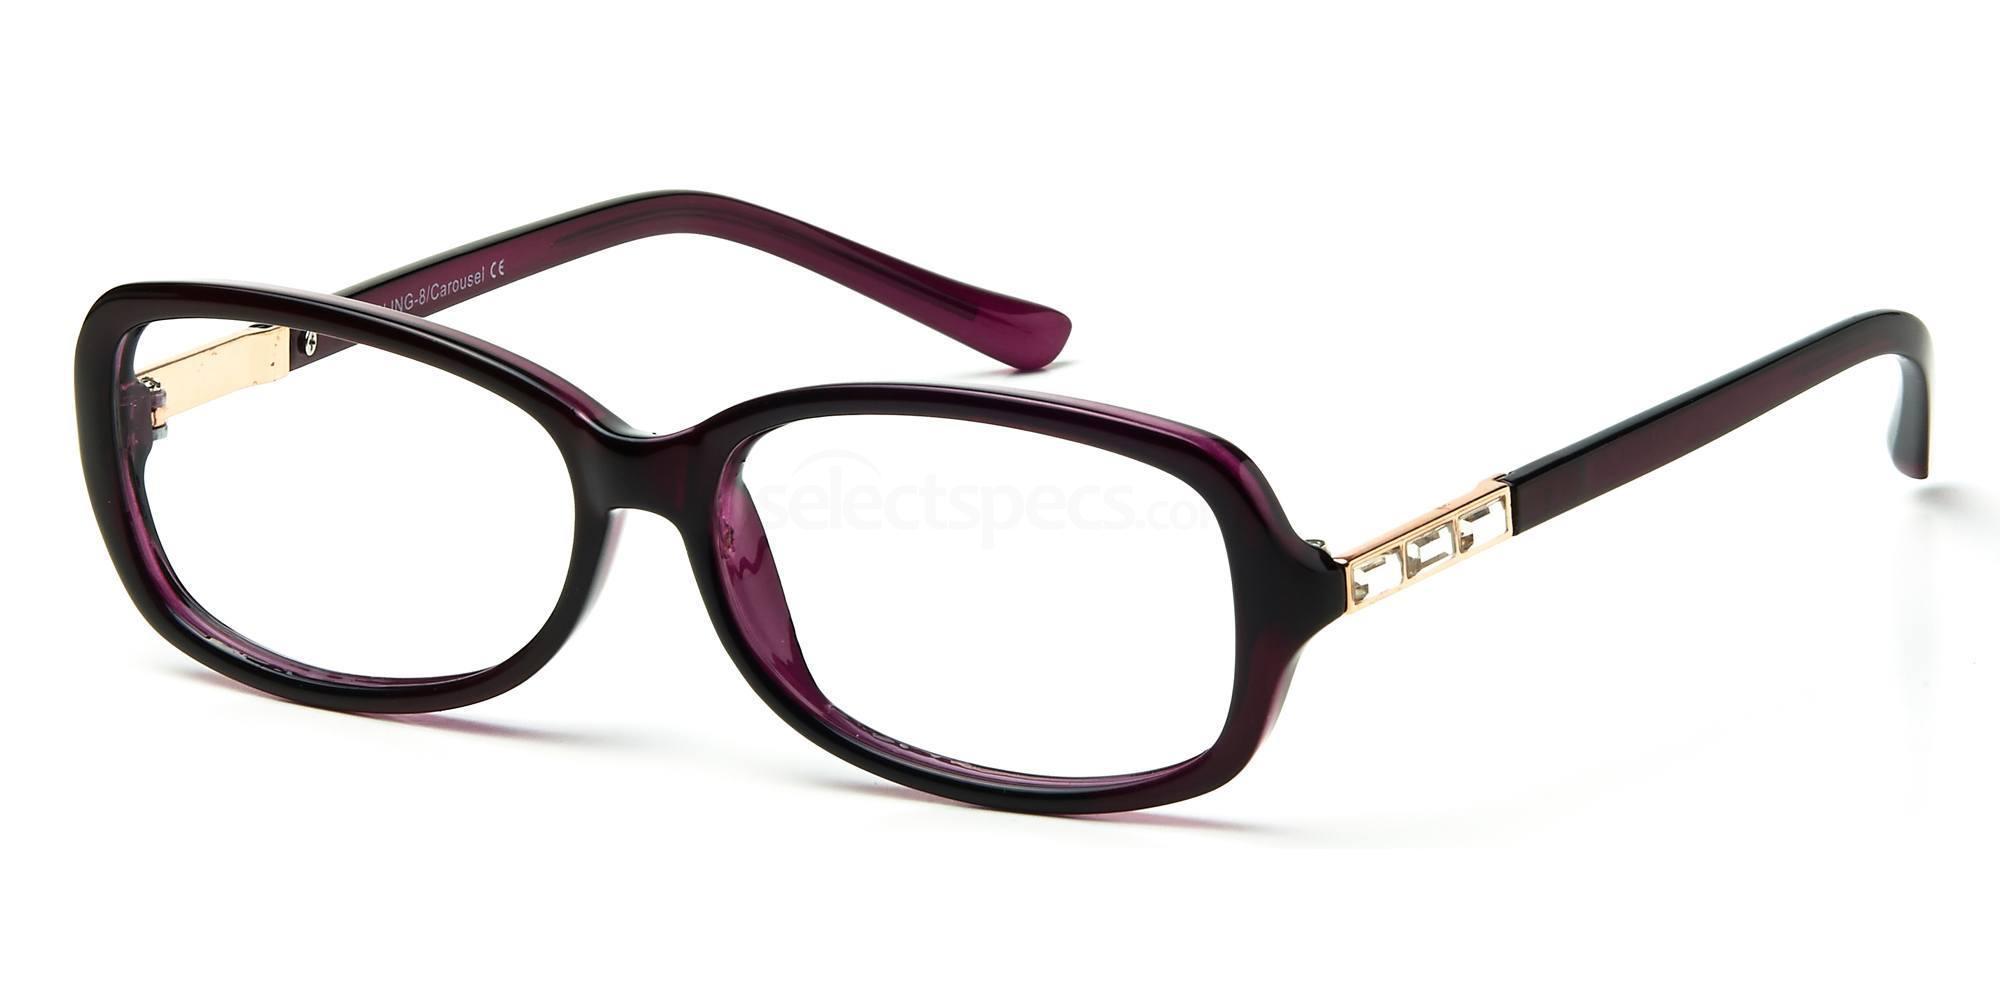 C1 BLING08 Glasses, Bling